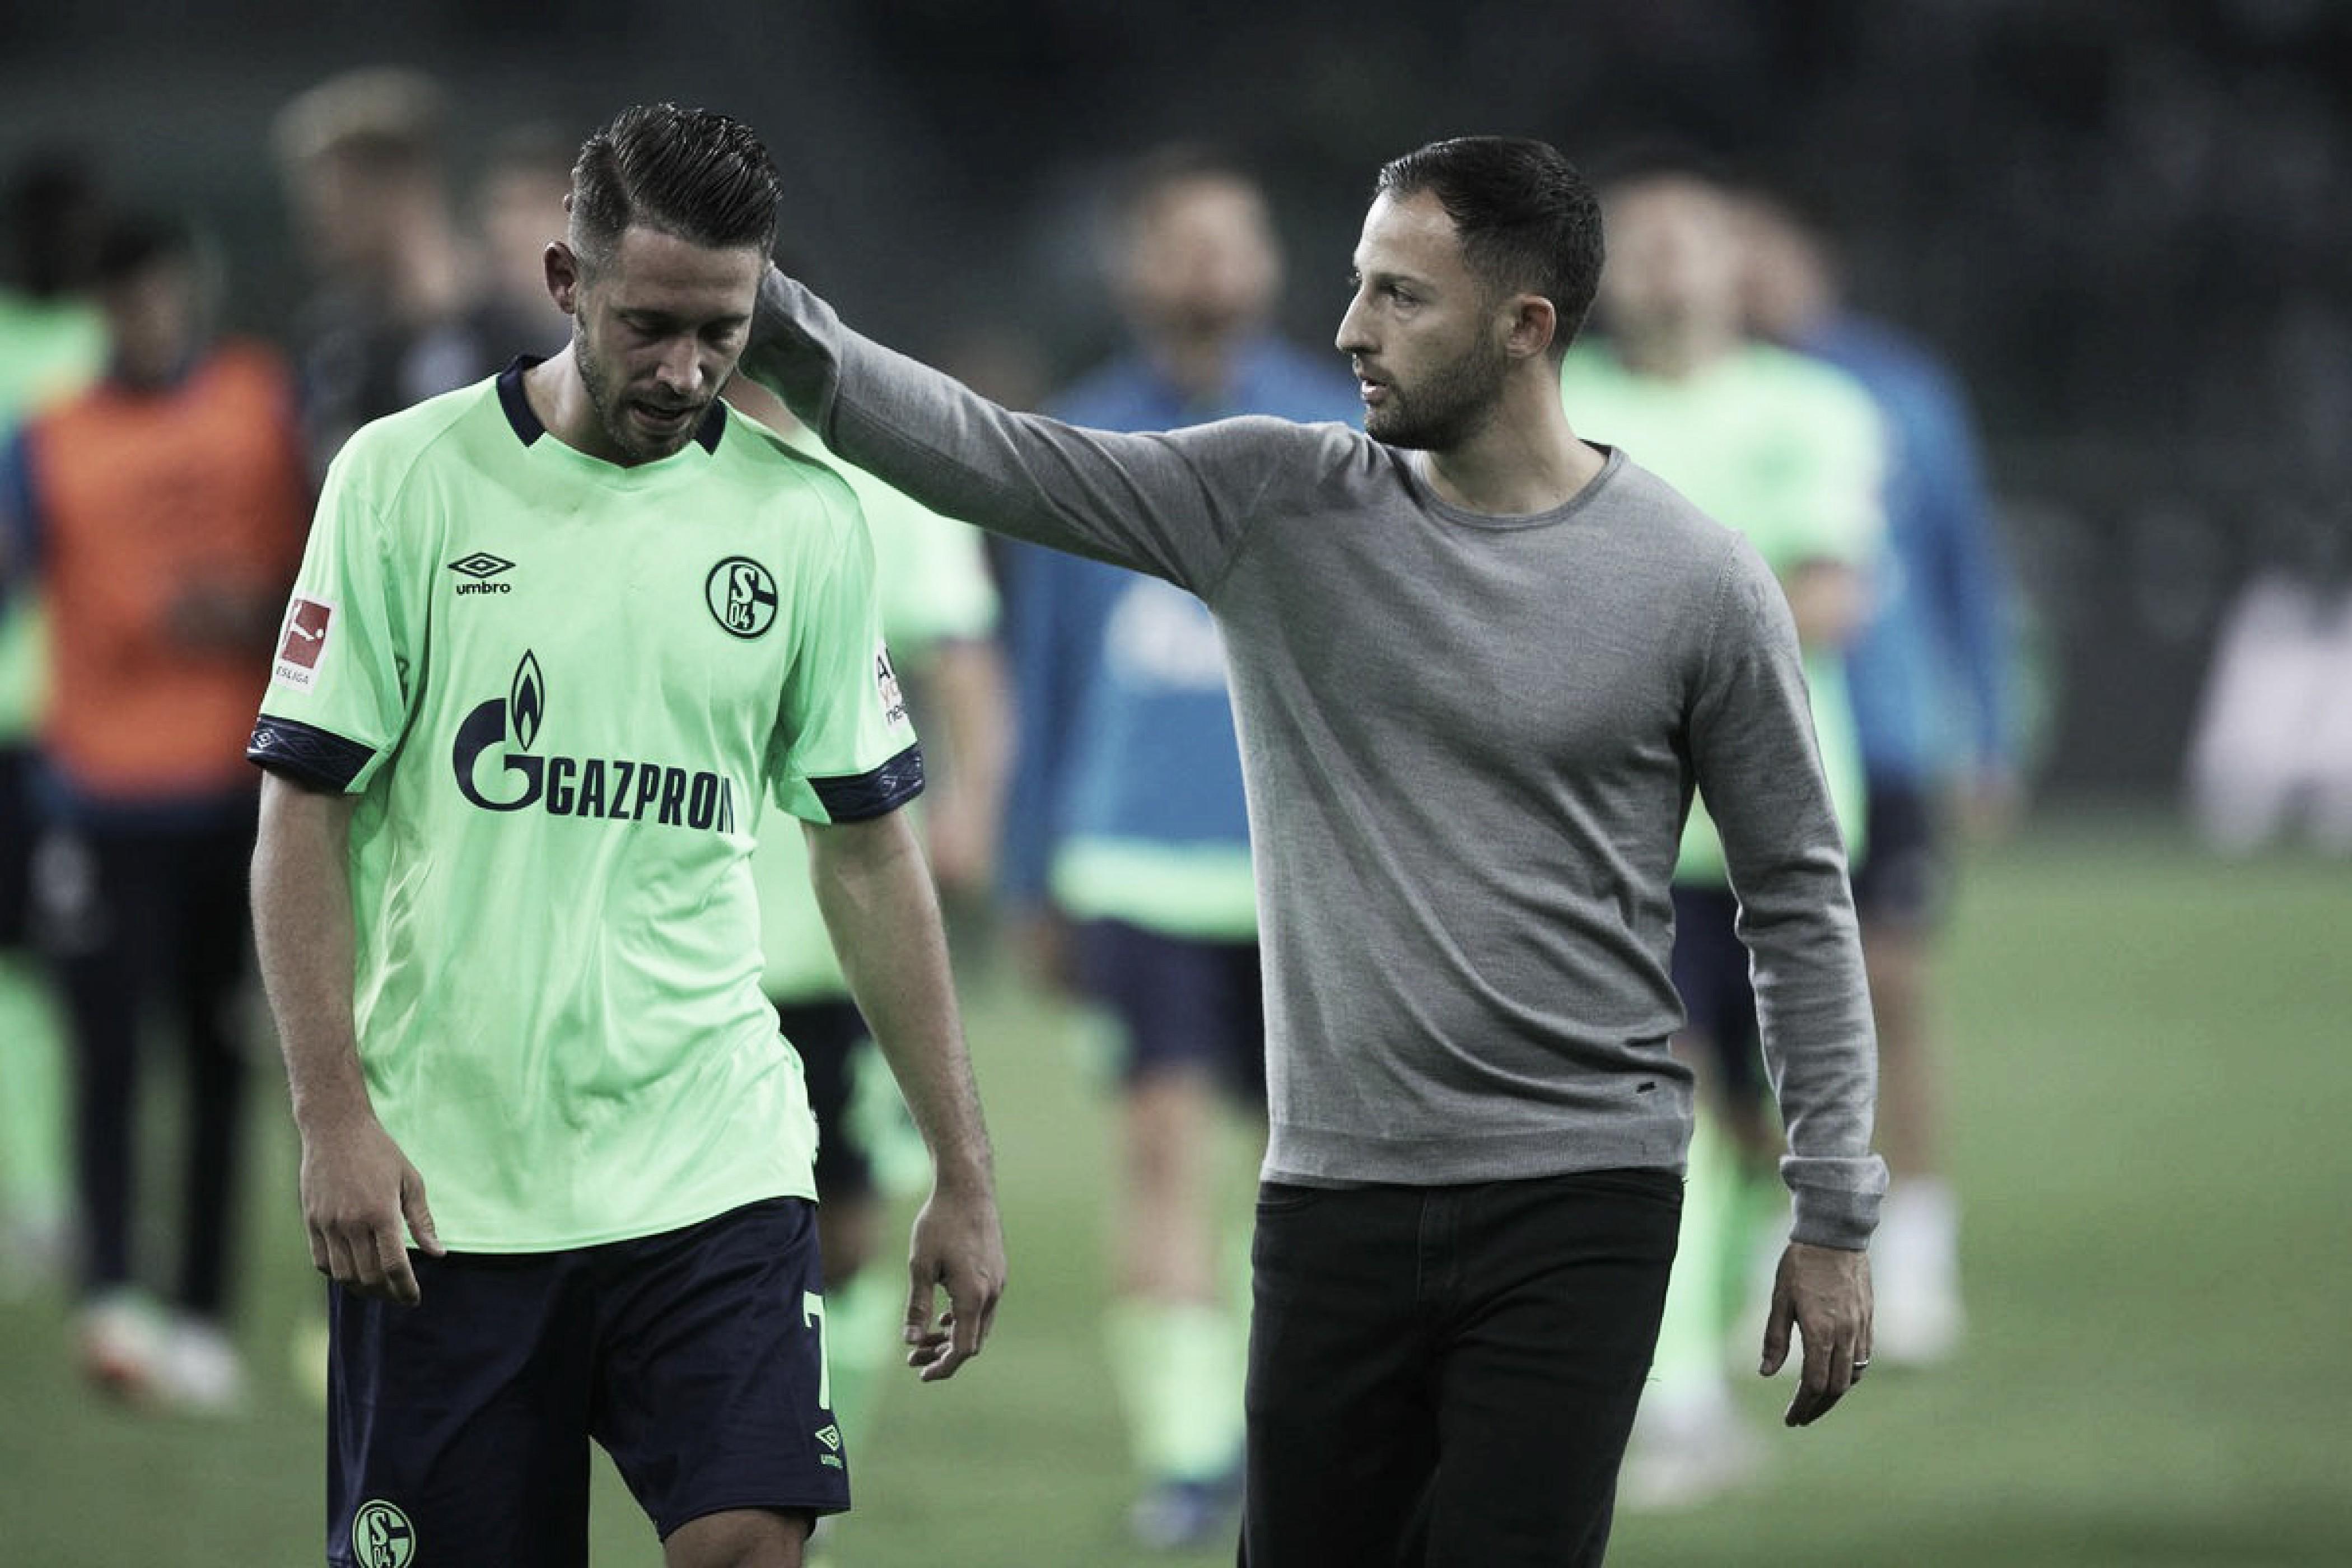 """Após derrota, Tedesco vê melhora no Schalke 04, mas alerta: """"Precisamos voltar aos trilhos logo"""""""